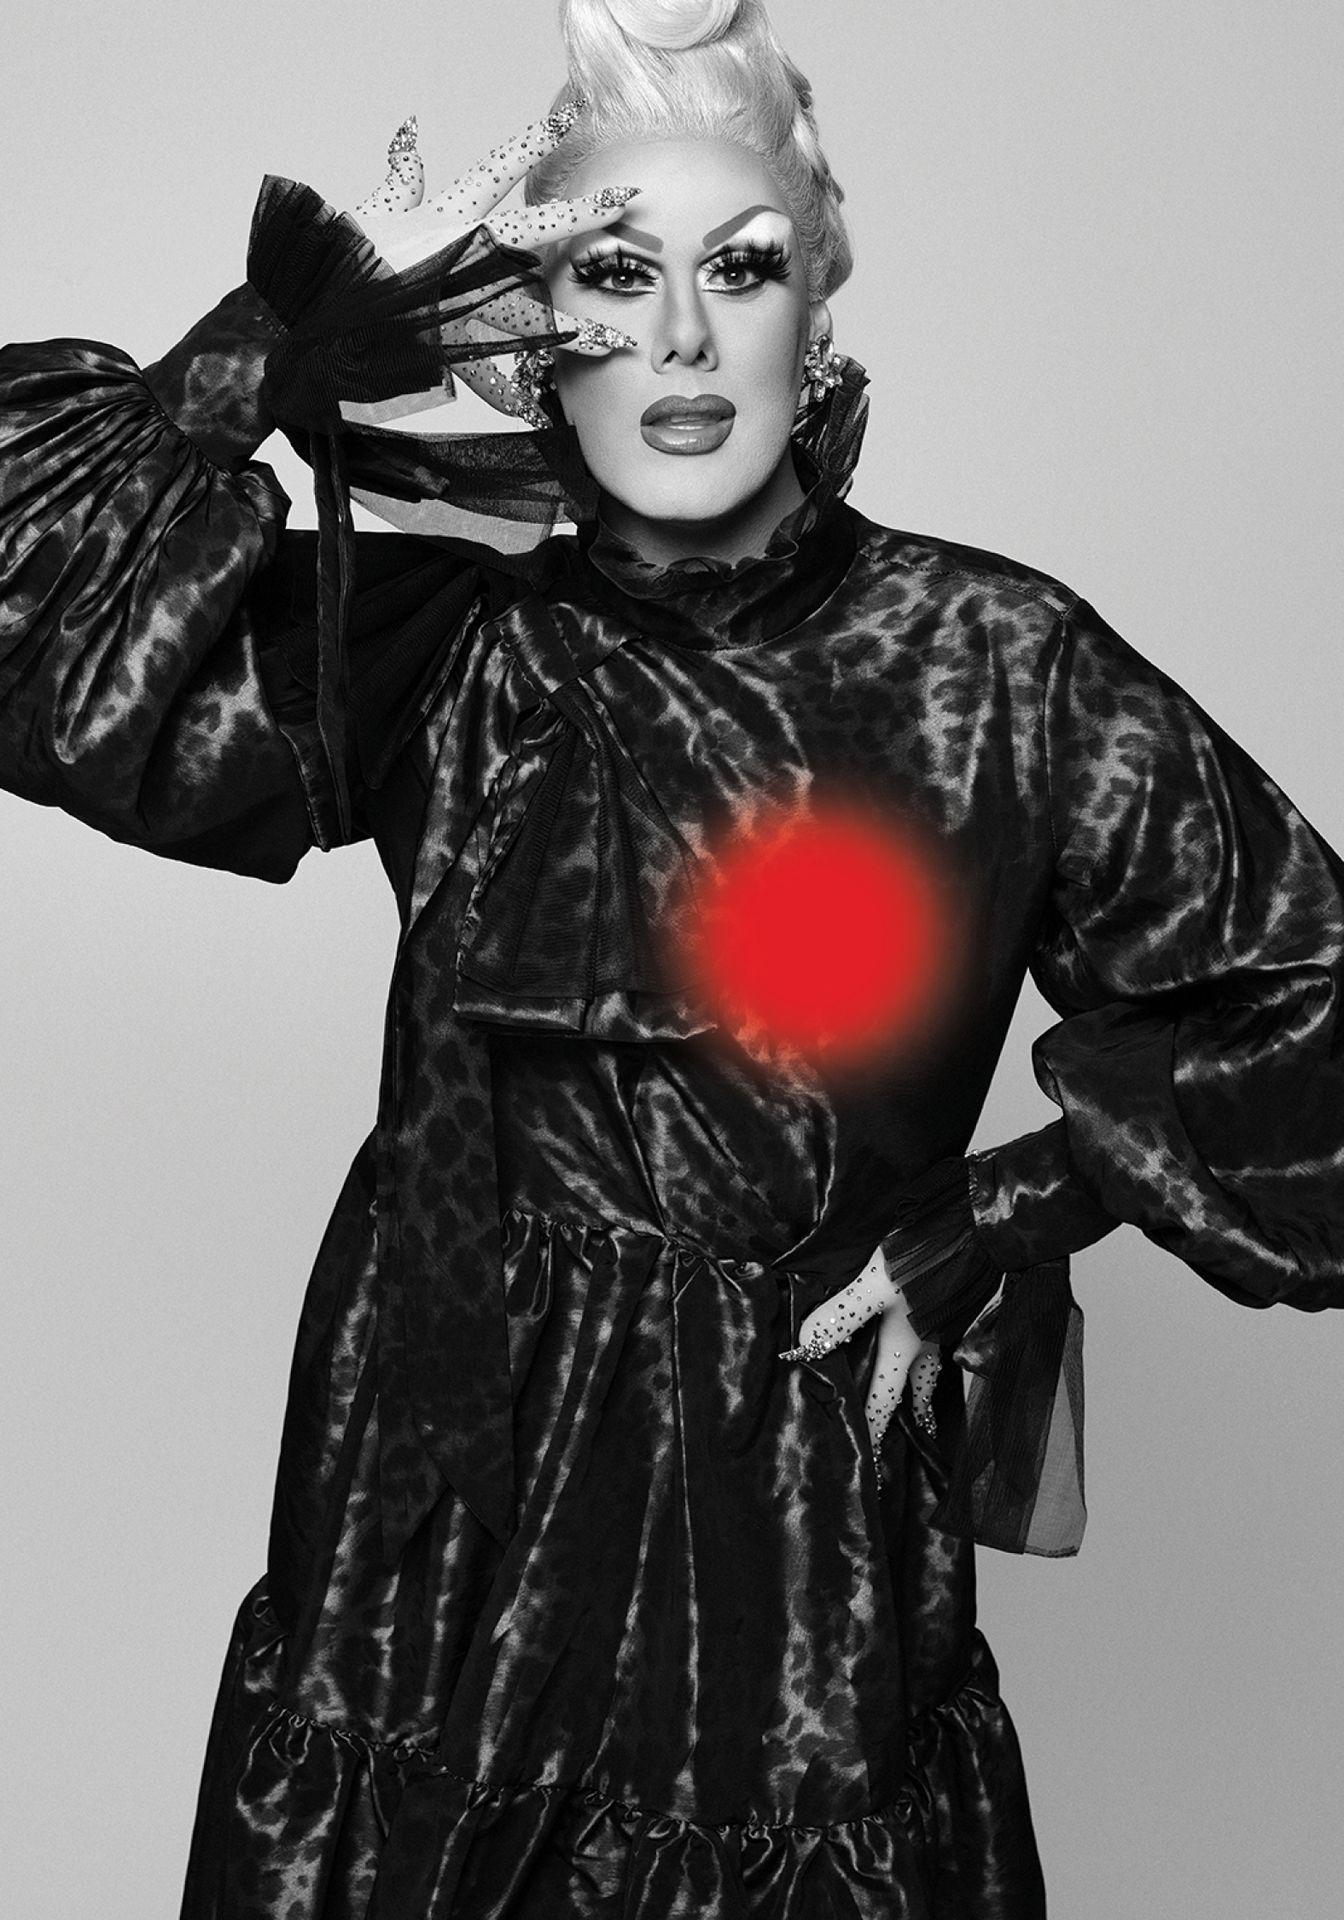 Portrait en noir et blanc de la drag queen Rita Baga portant une robe glamour et maquillée.